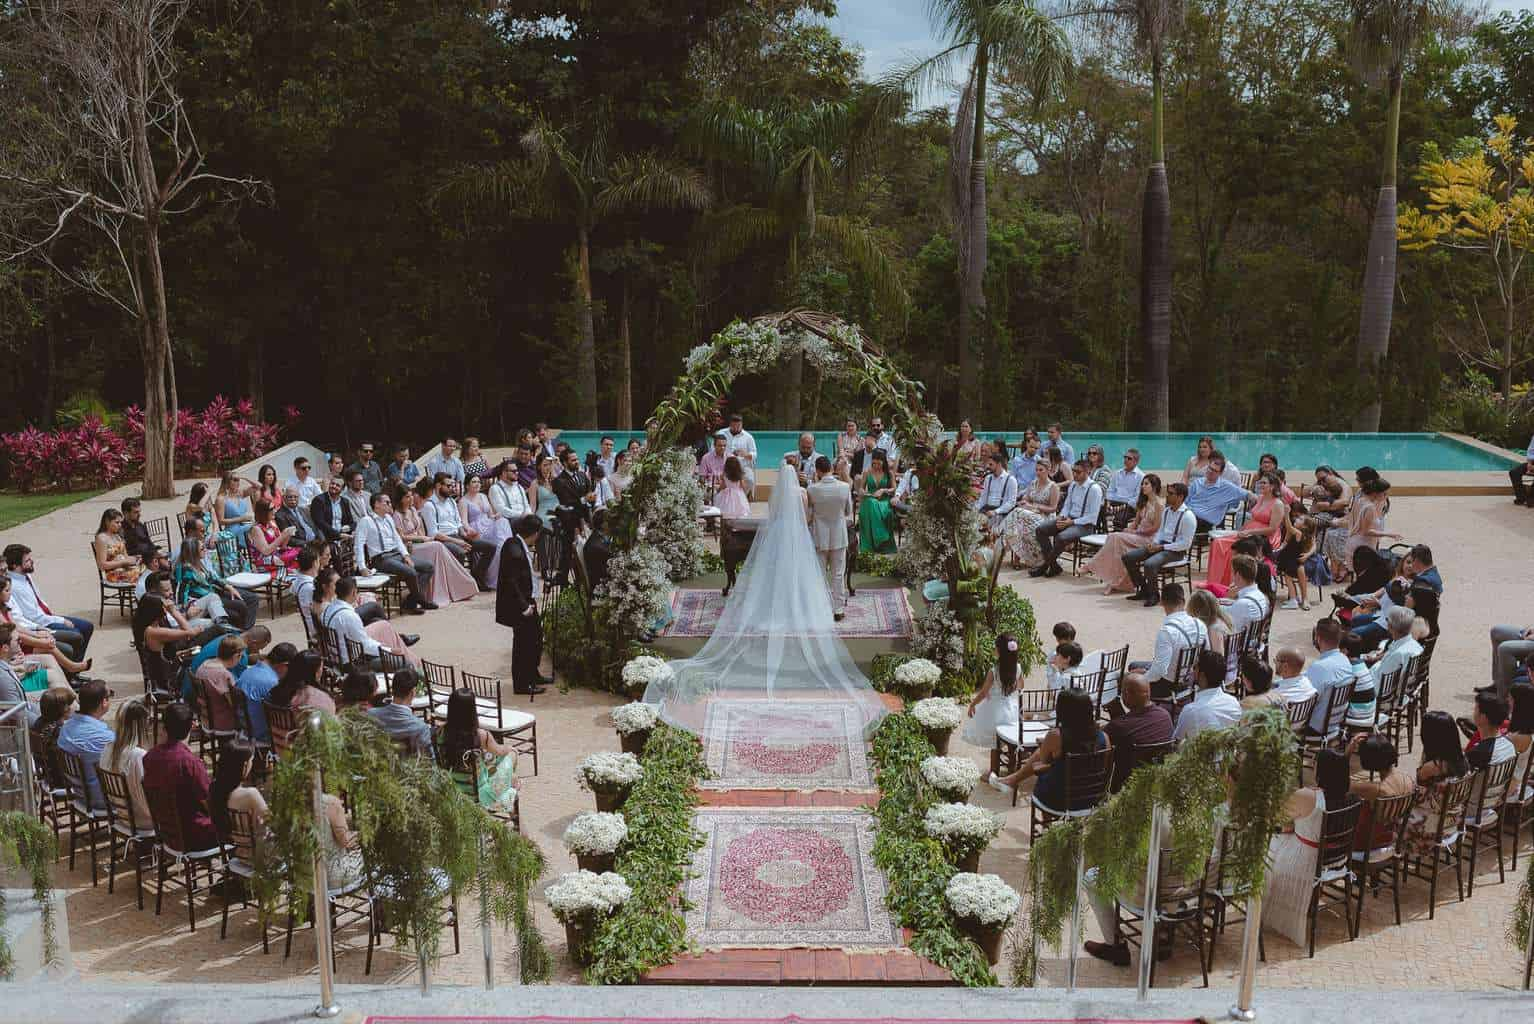 casamento-ao-ar-livre-casamento-boho-casamento-geek-casamento-rustico-casamento-Thais-e-Pedro-cerimônia-decor-cerimônia-Revoar-Fotografia-Villa-Borghese-Eventos-30